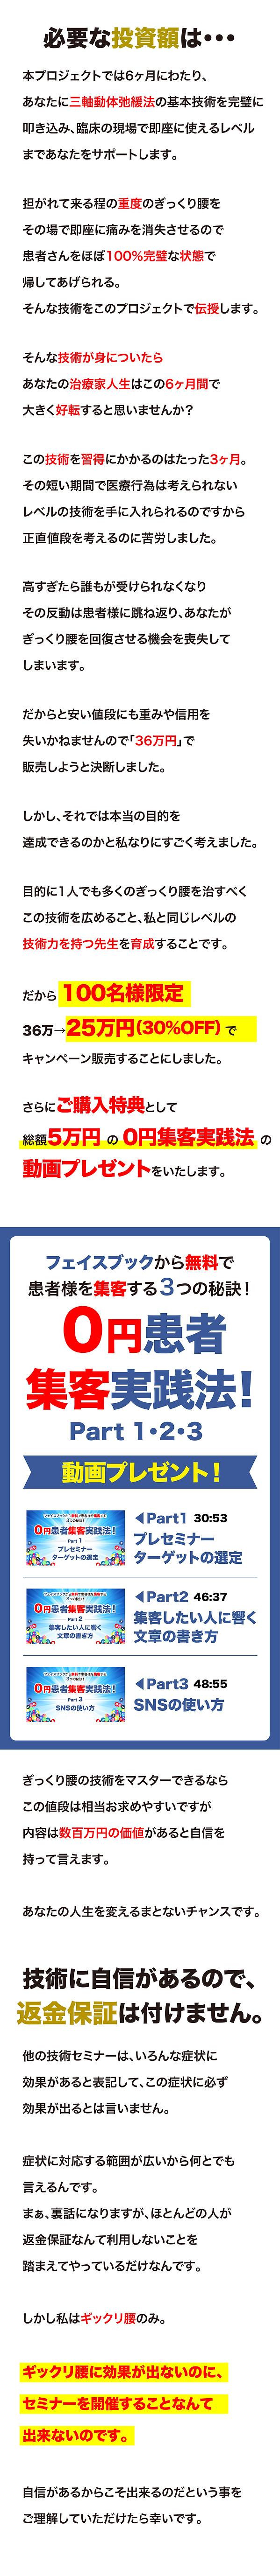 ぎっくり腰セミナー_メインページ_210107-25.jpg